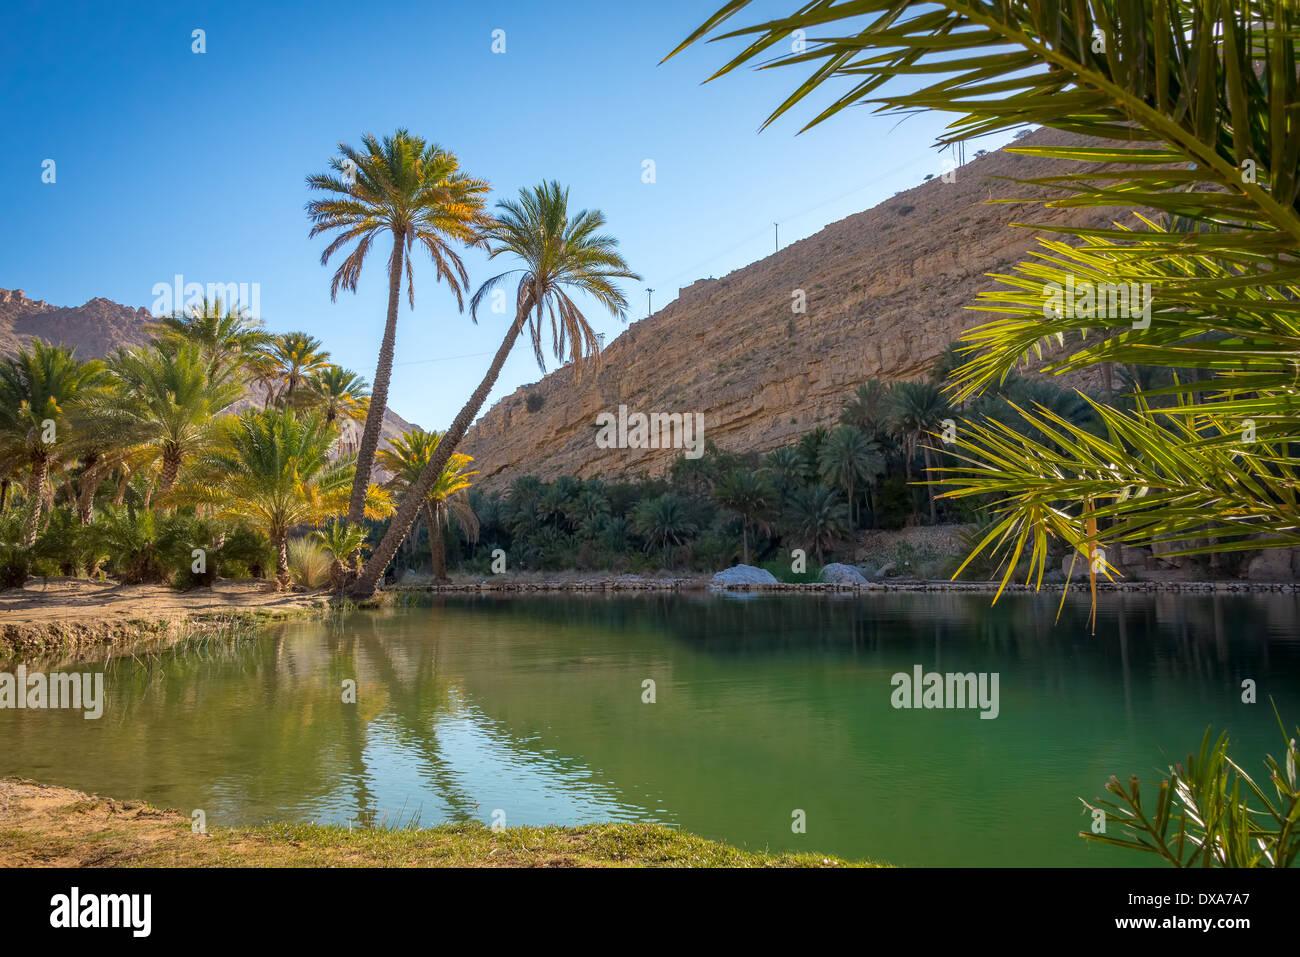 Piscina naturale di Wadi Bani Khalid, Sultanato di Oman, uno dei più famosi luoghi turistici in paese. Immagini Stock